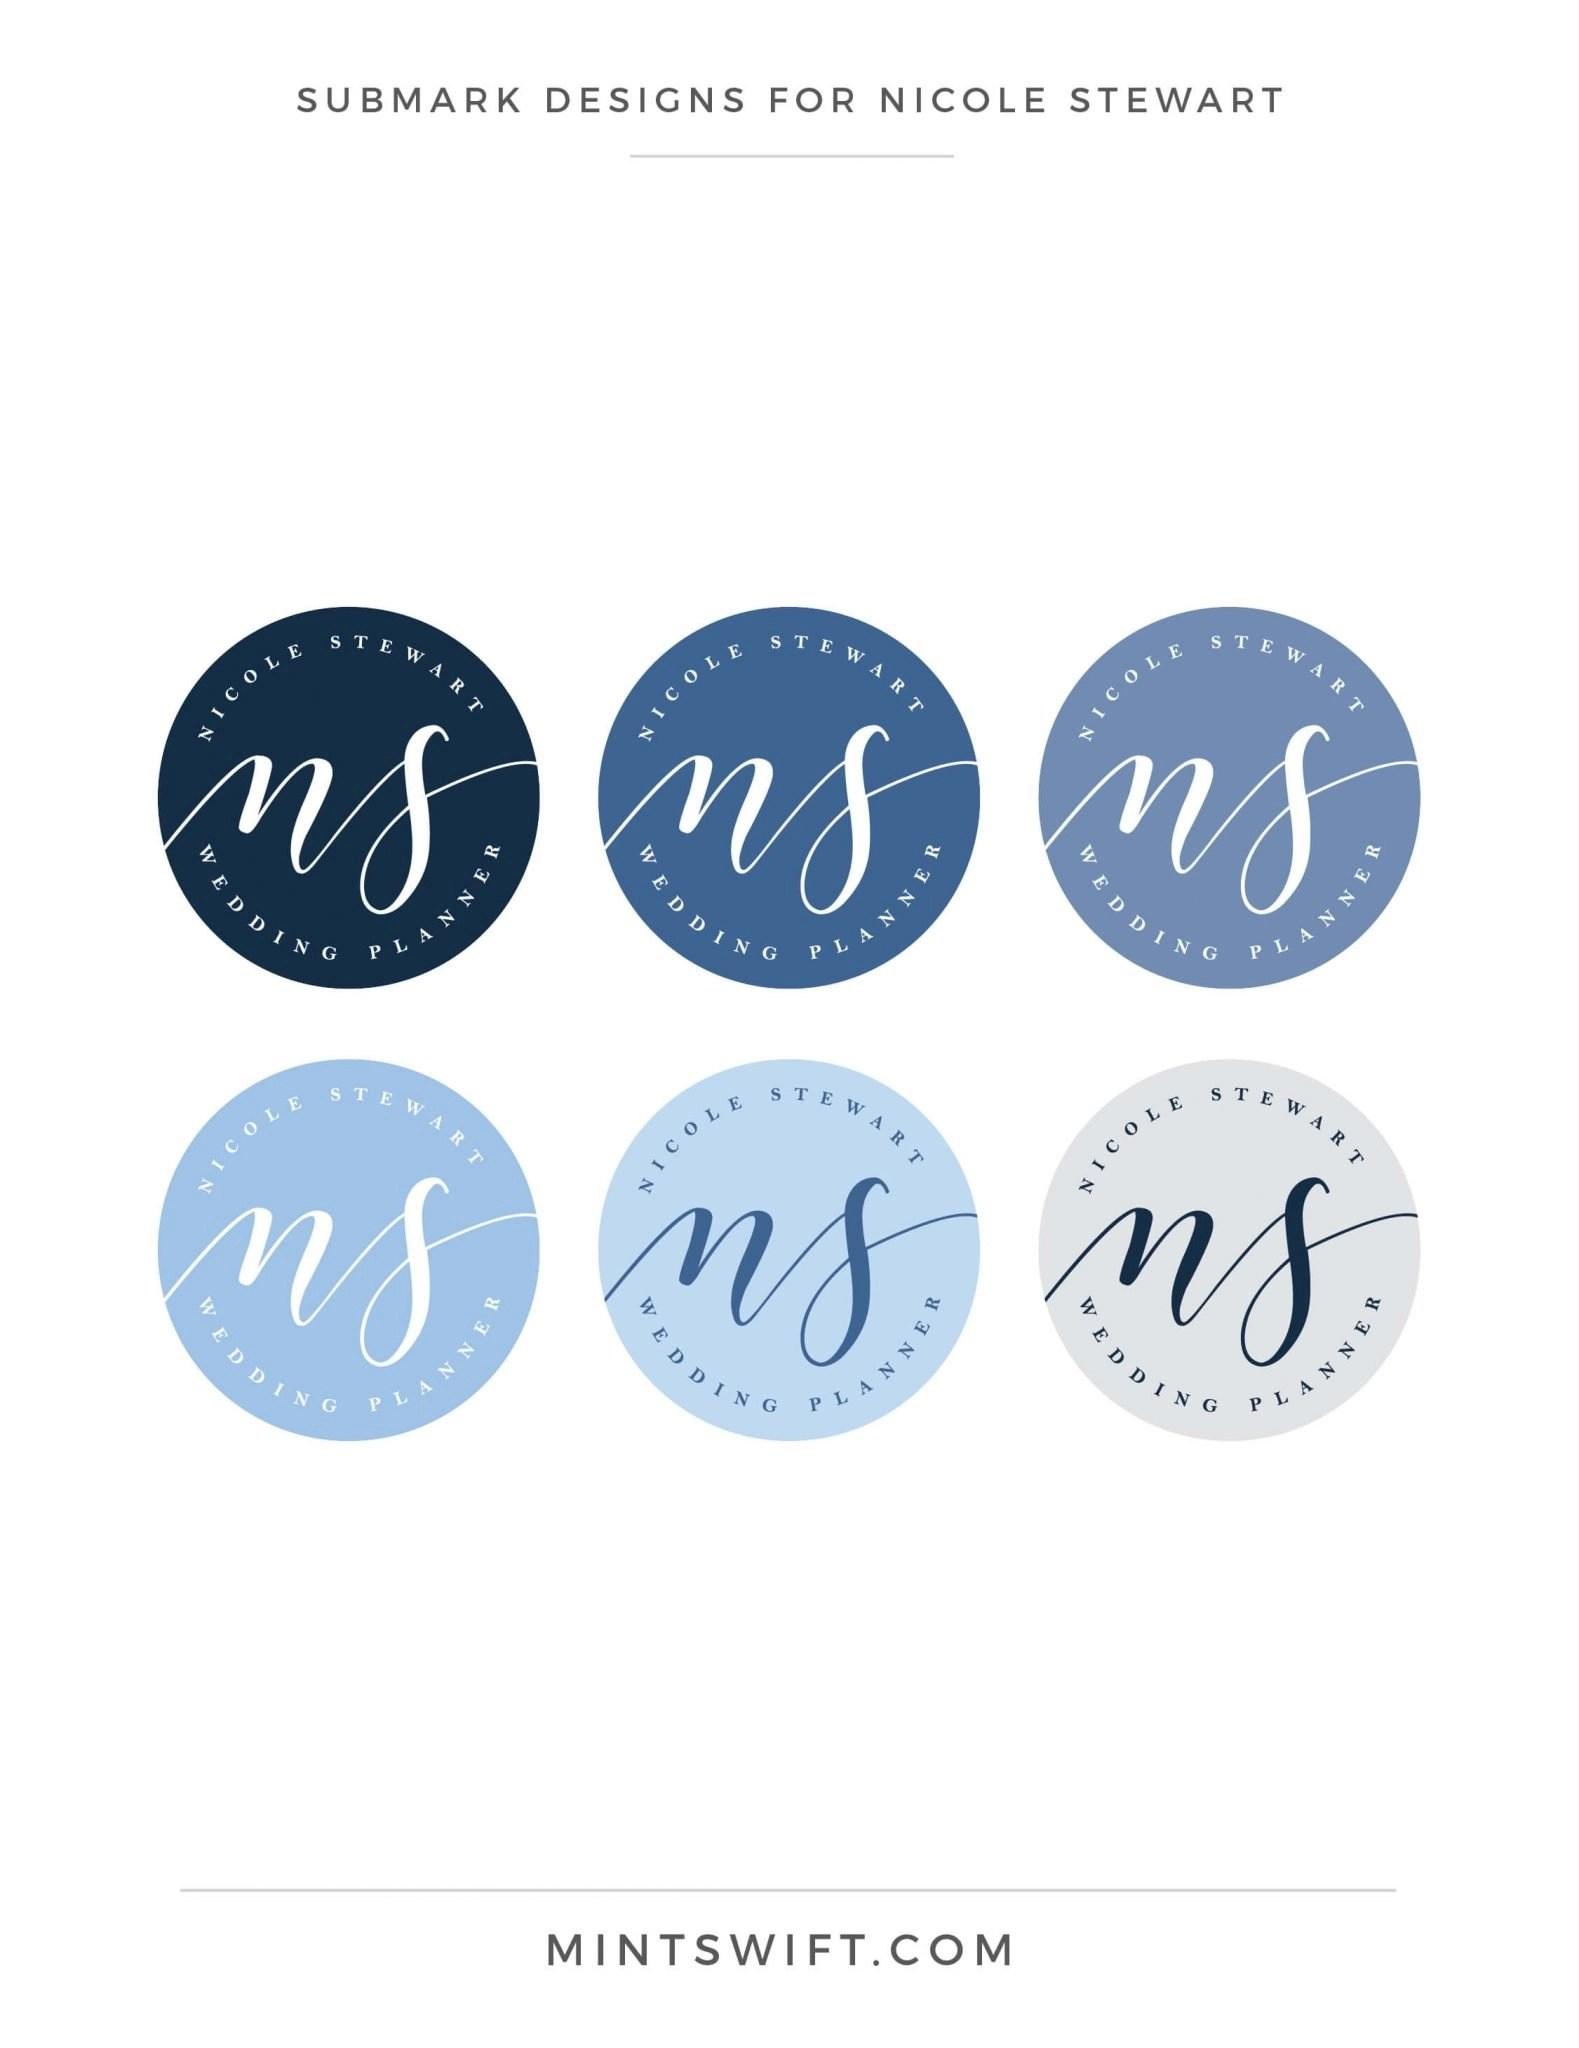 Nicole Stewart - Submark Designs - Brand Design Package - MintSwift